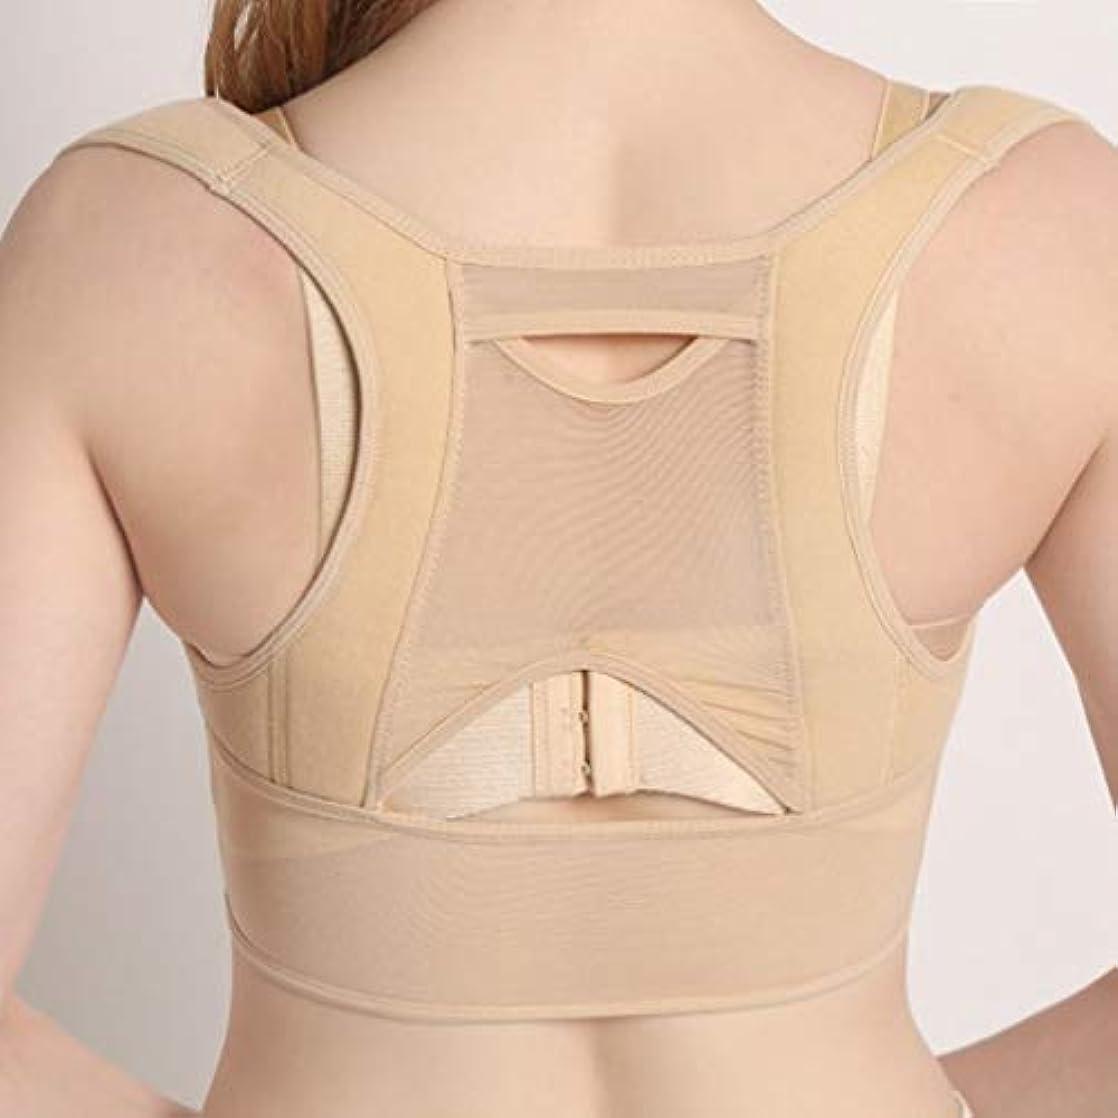 北米明るい制約背部姿勢補正コルセット上背部肩背骨姿勢補正器背部姿勢、補正コルセット、整形外科、上背部、肩背骨、姿勢補正器ベージュホワイトM